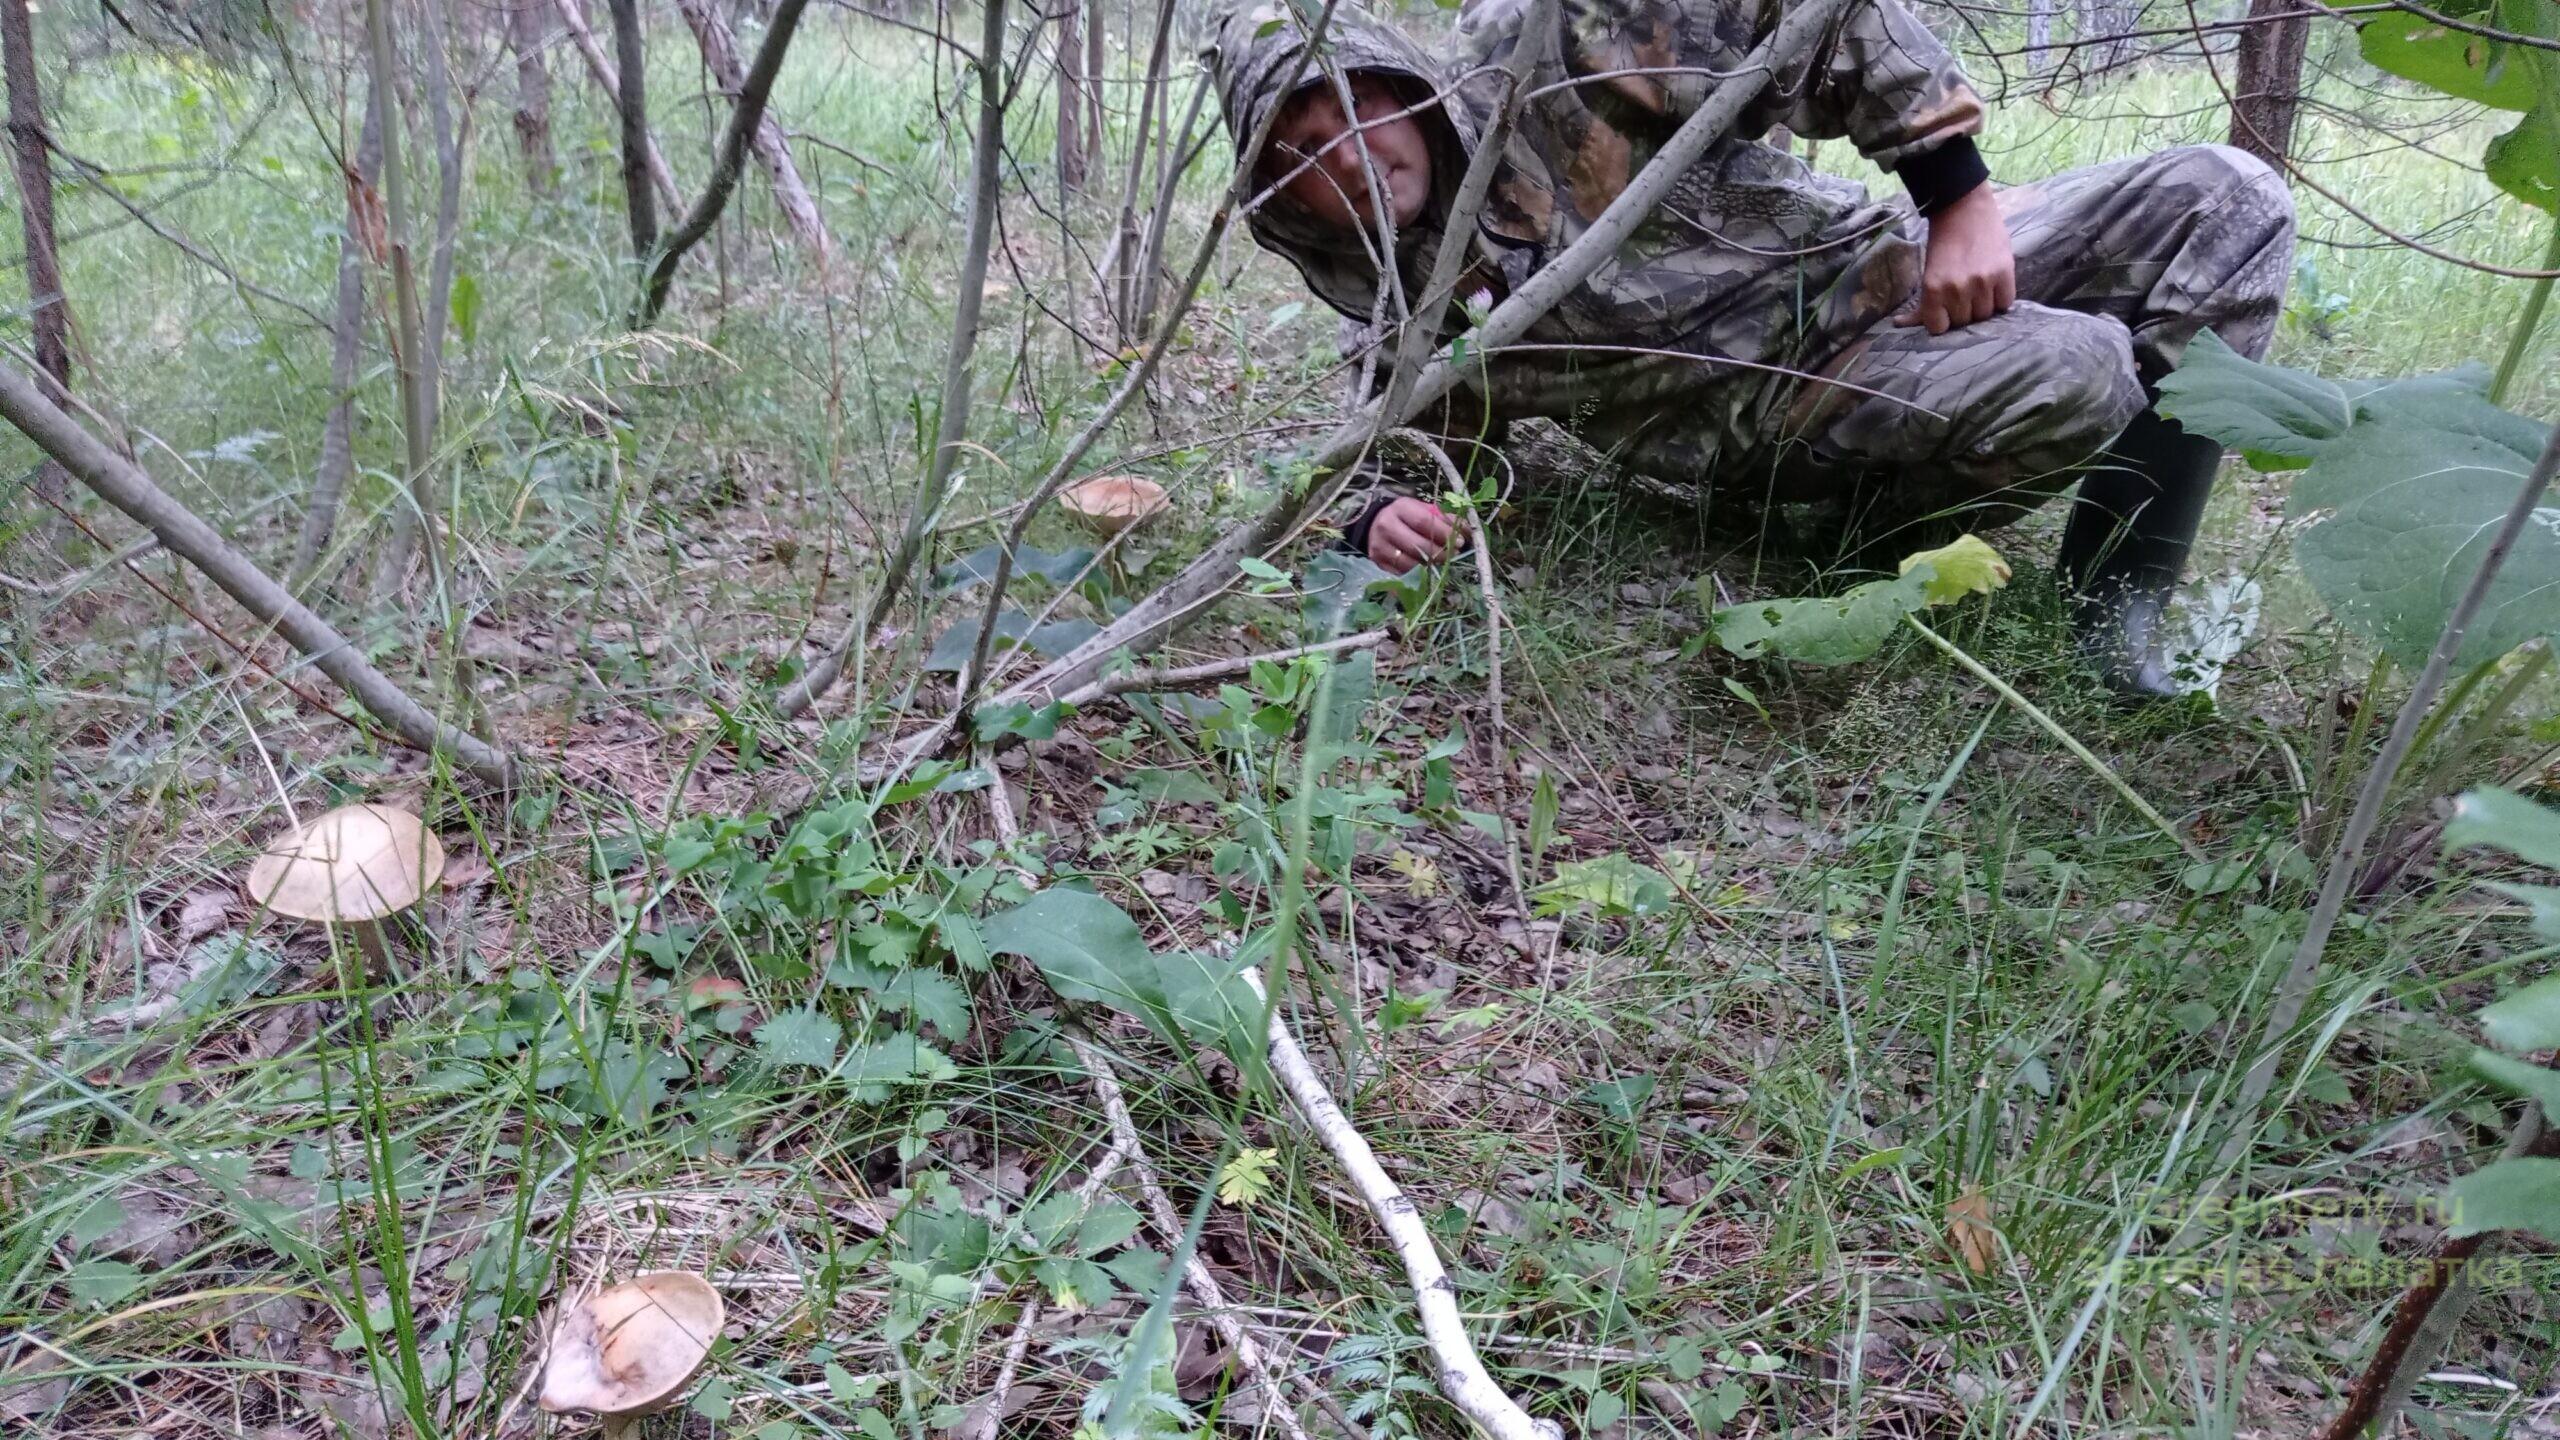 грибные места собирать грибы тихая охота лес природа отдых несколько грибов сразу